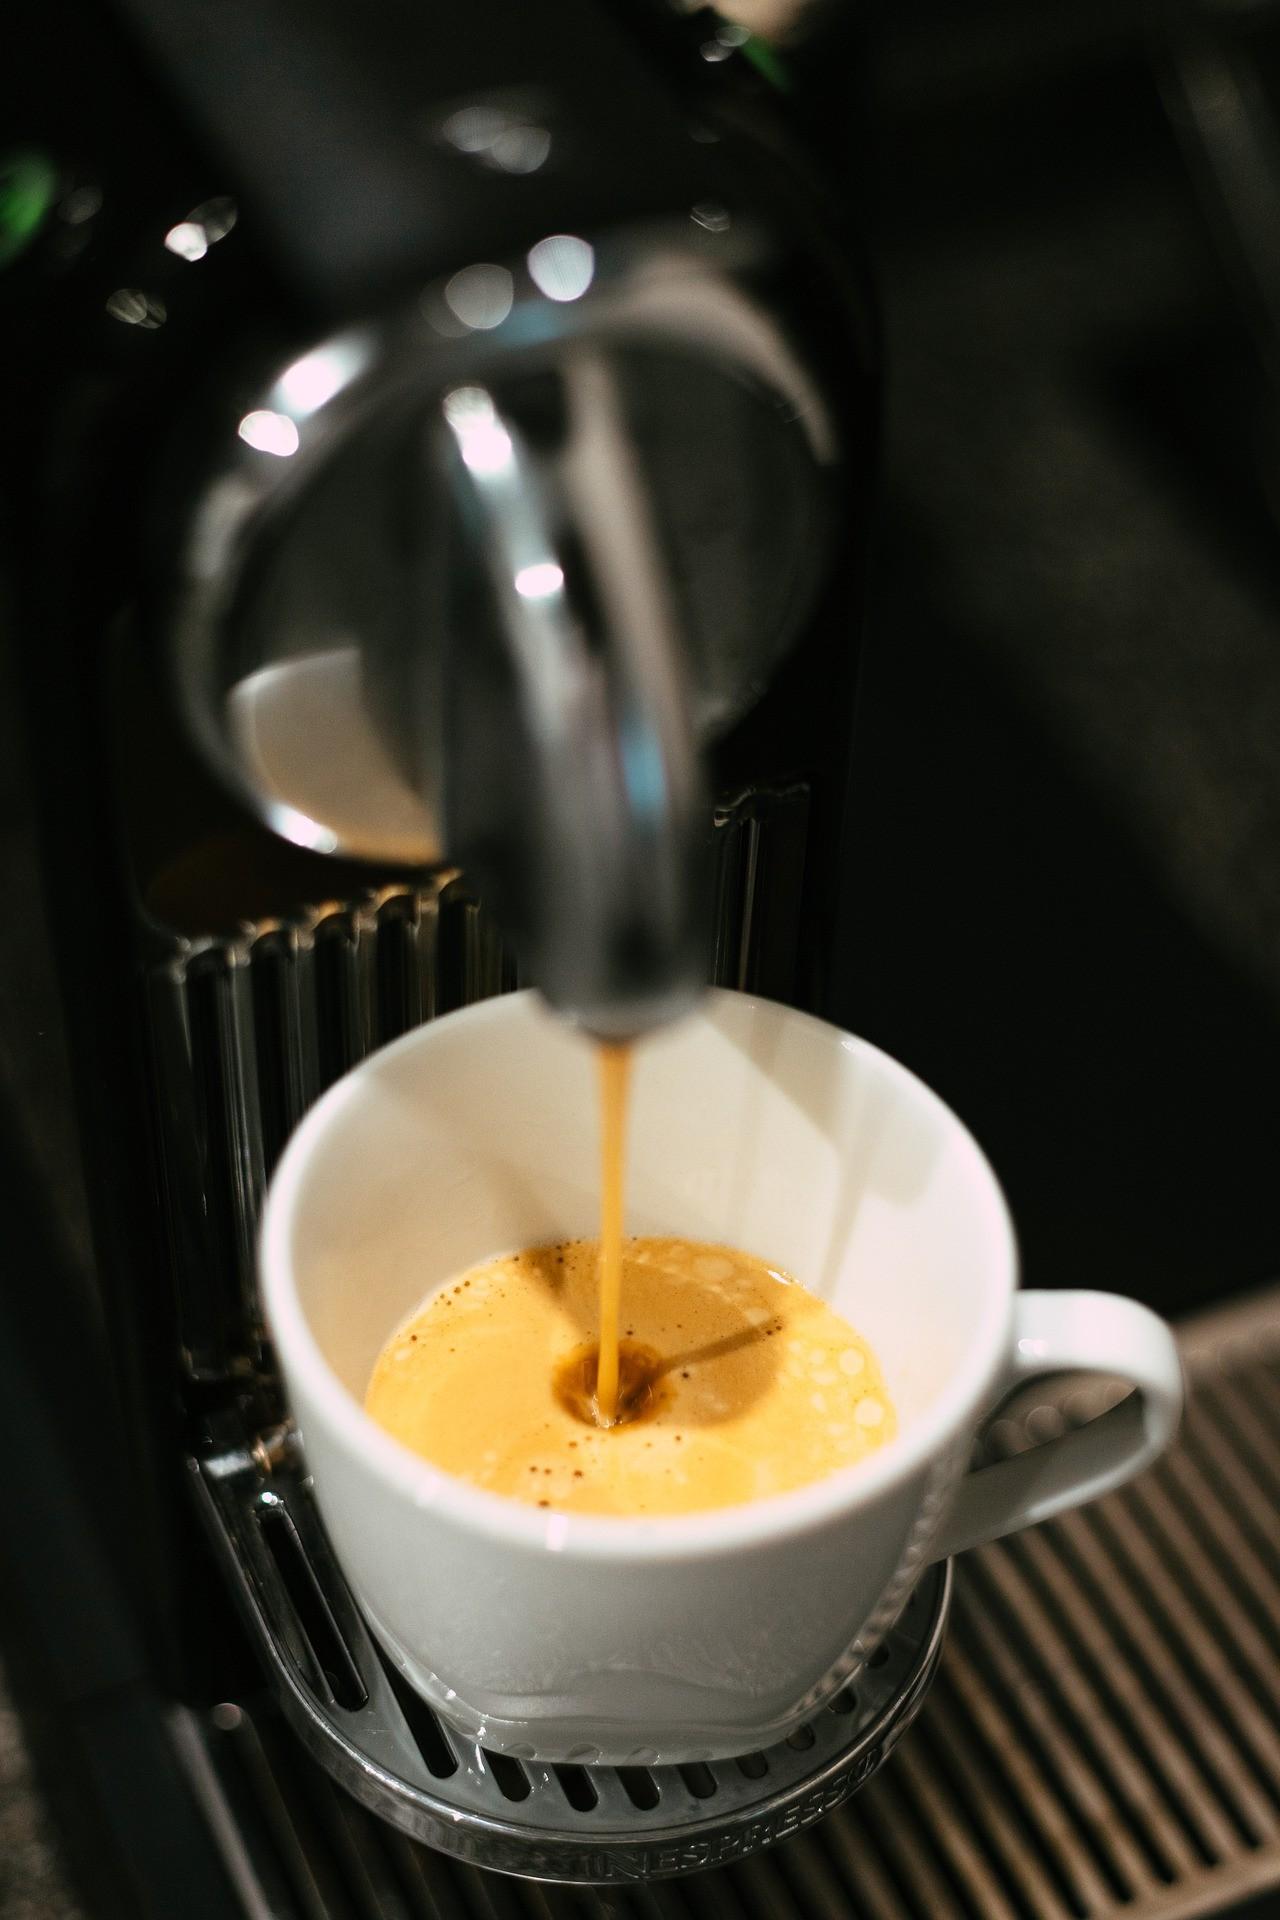 Kaffee aus Nespresso Kapseln ist nur einfach und schnell zubereitet, sondern er schmeckt auch besonders gut.